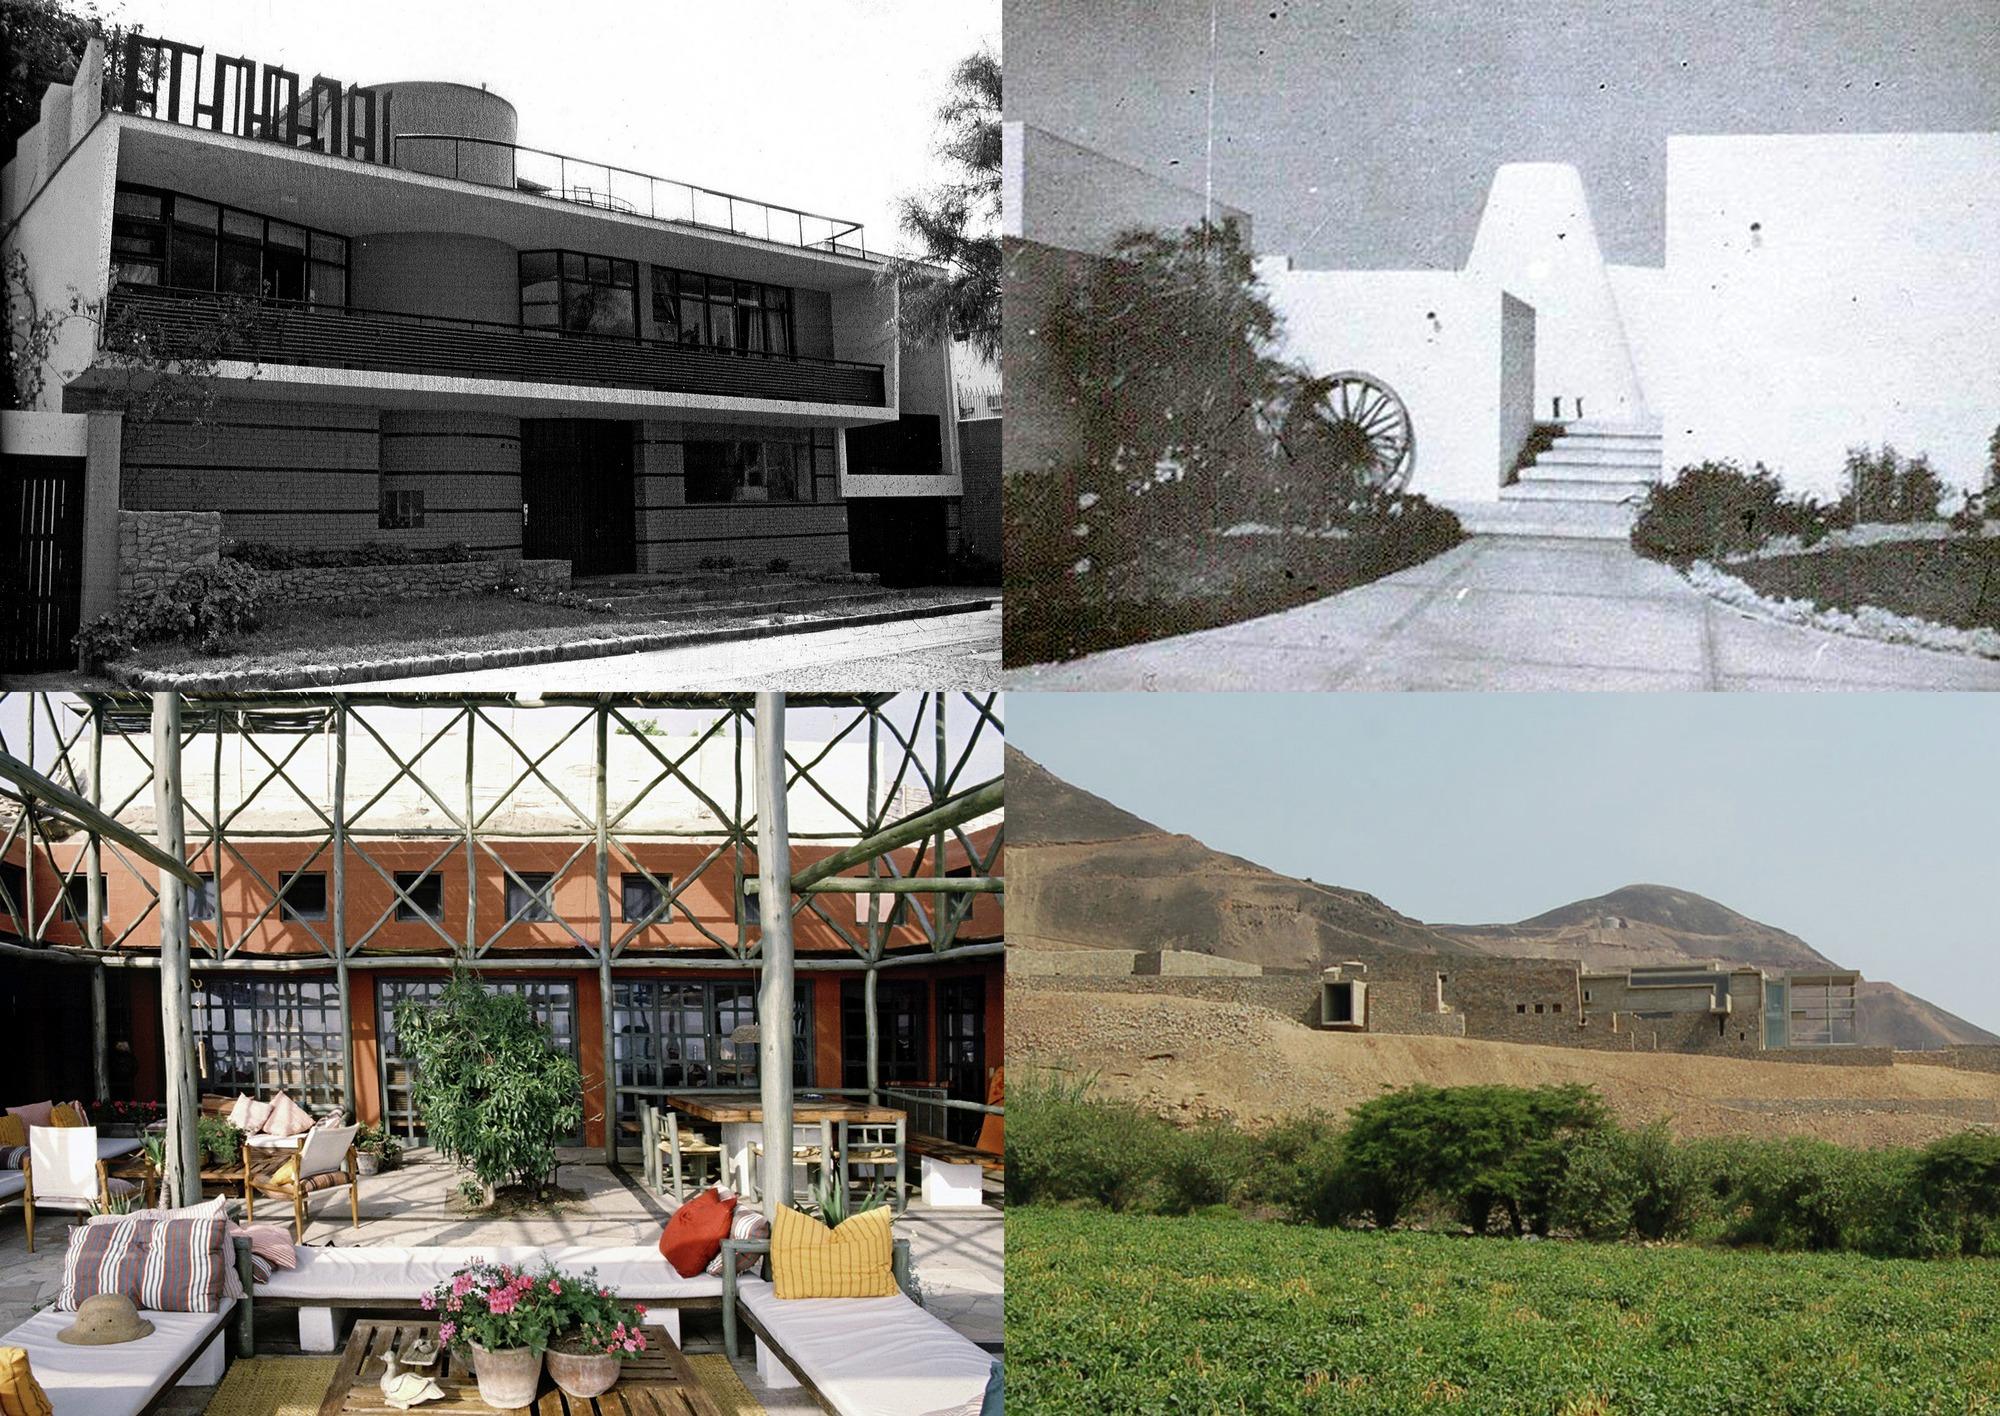 La b squeda de la identidad en la arquitectura peruana for Arquitectura de proyectos